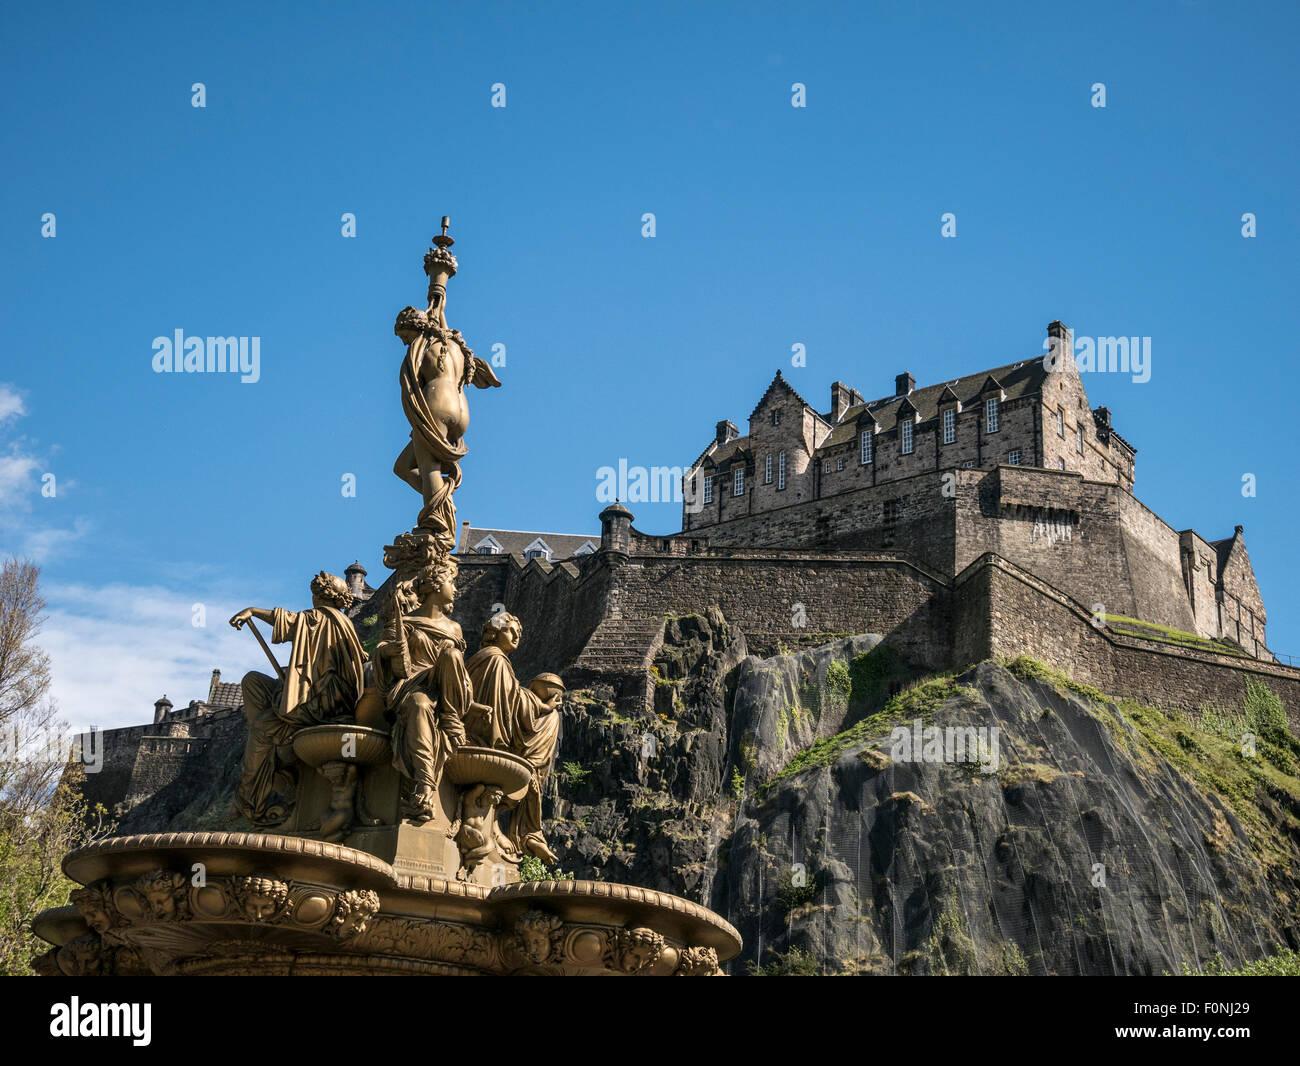 Le château d'Édimbourg et la fontaine ecosse uk Photo Stock